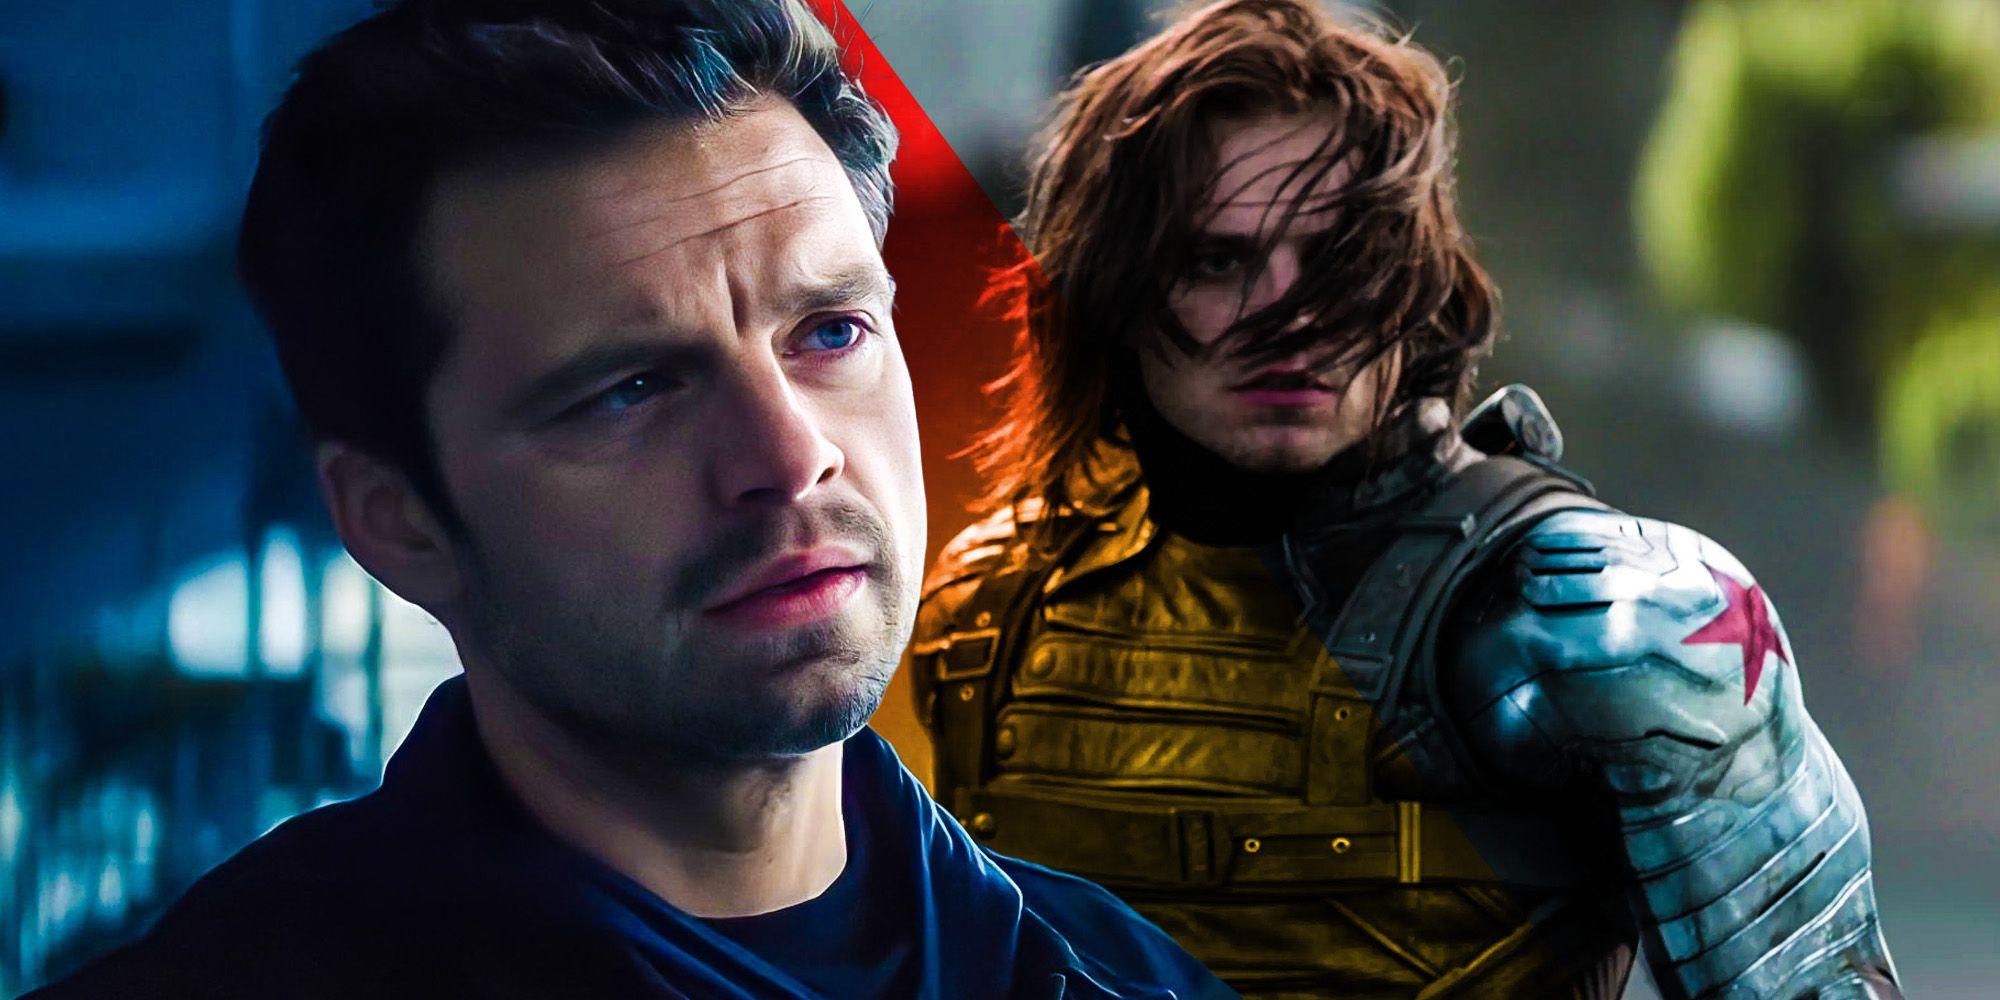 How Sebastian Stan Learned He Got MCU Bucky Barnes Role